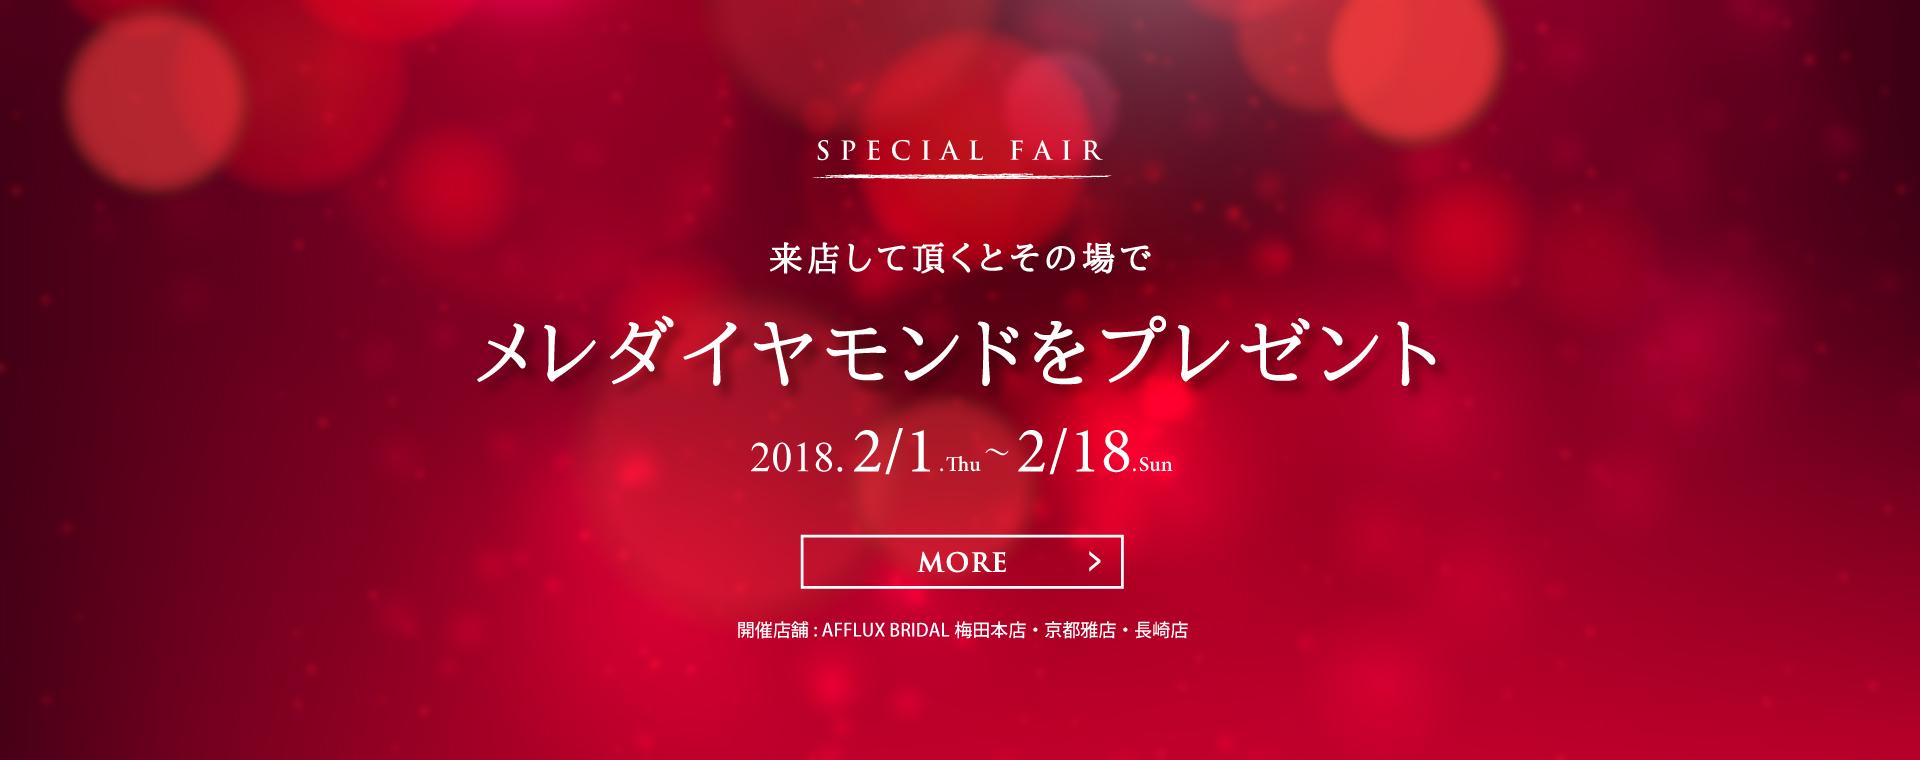 来店して頂くとその場でメレダイヤモンドをプレゼント 2018.2/1.Thu~2/18.Sun